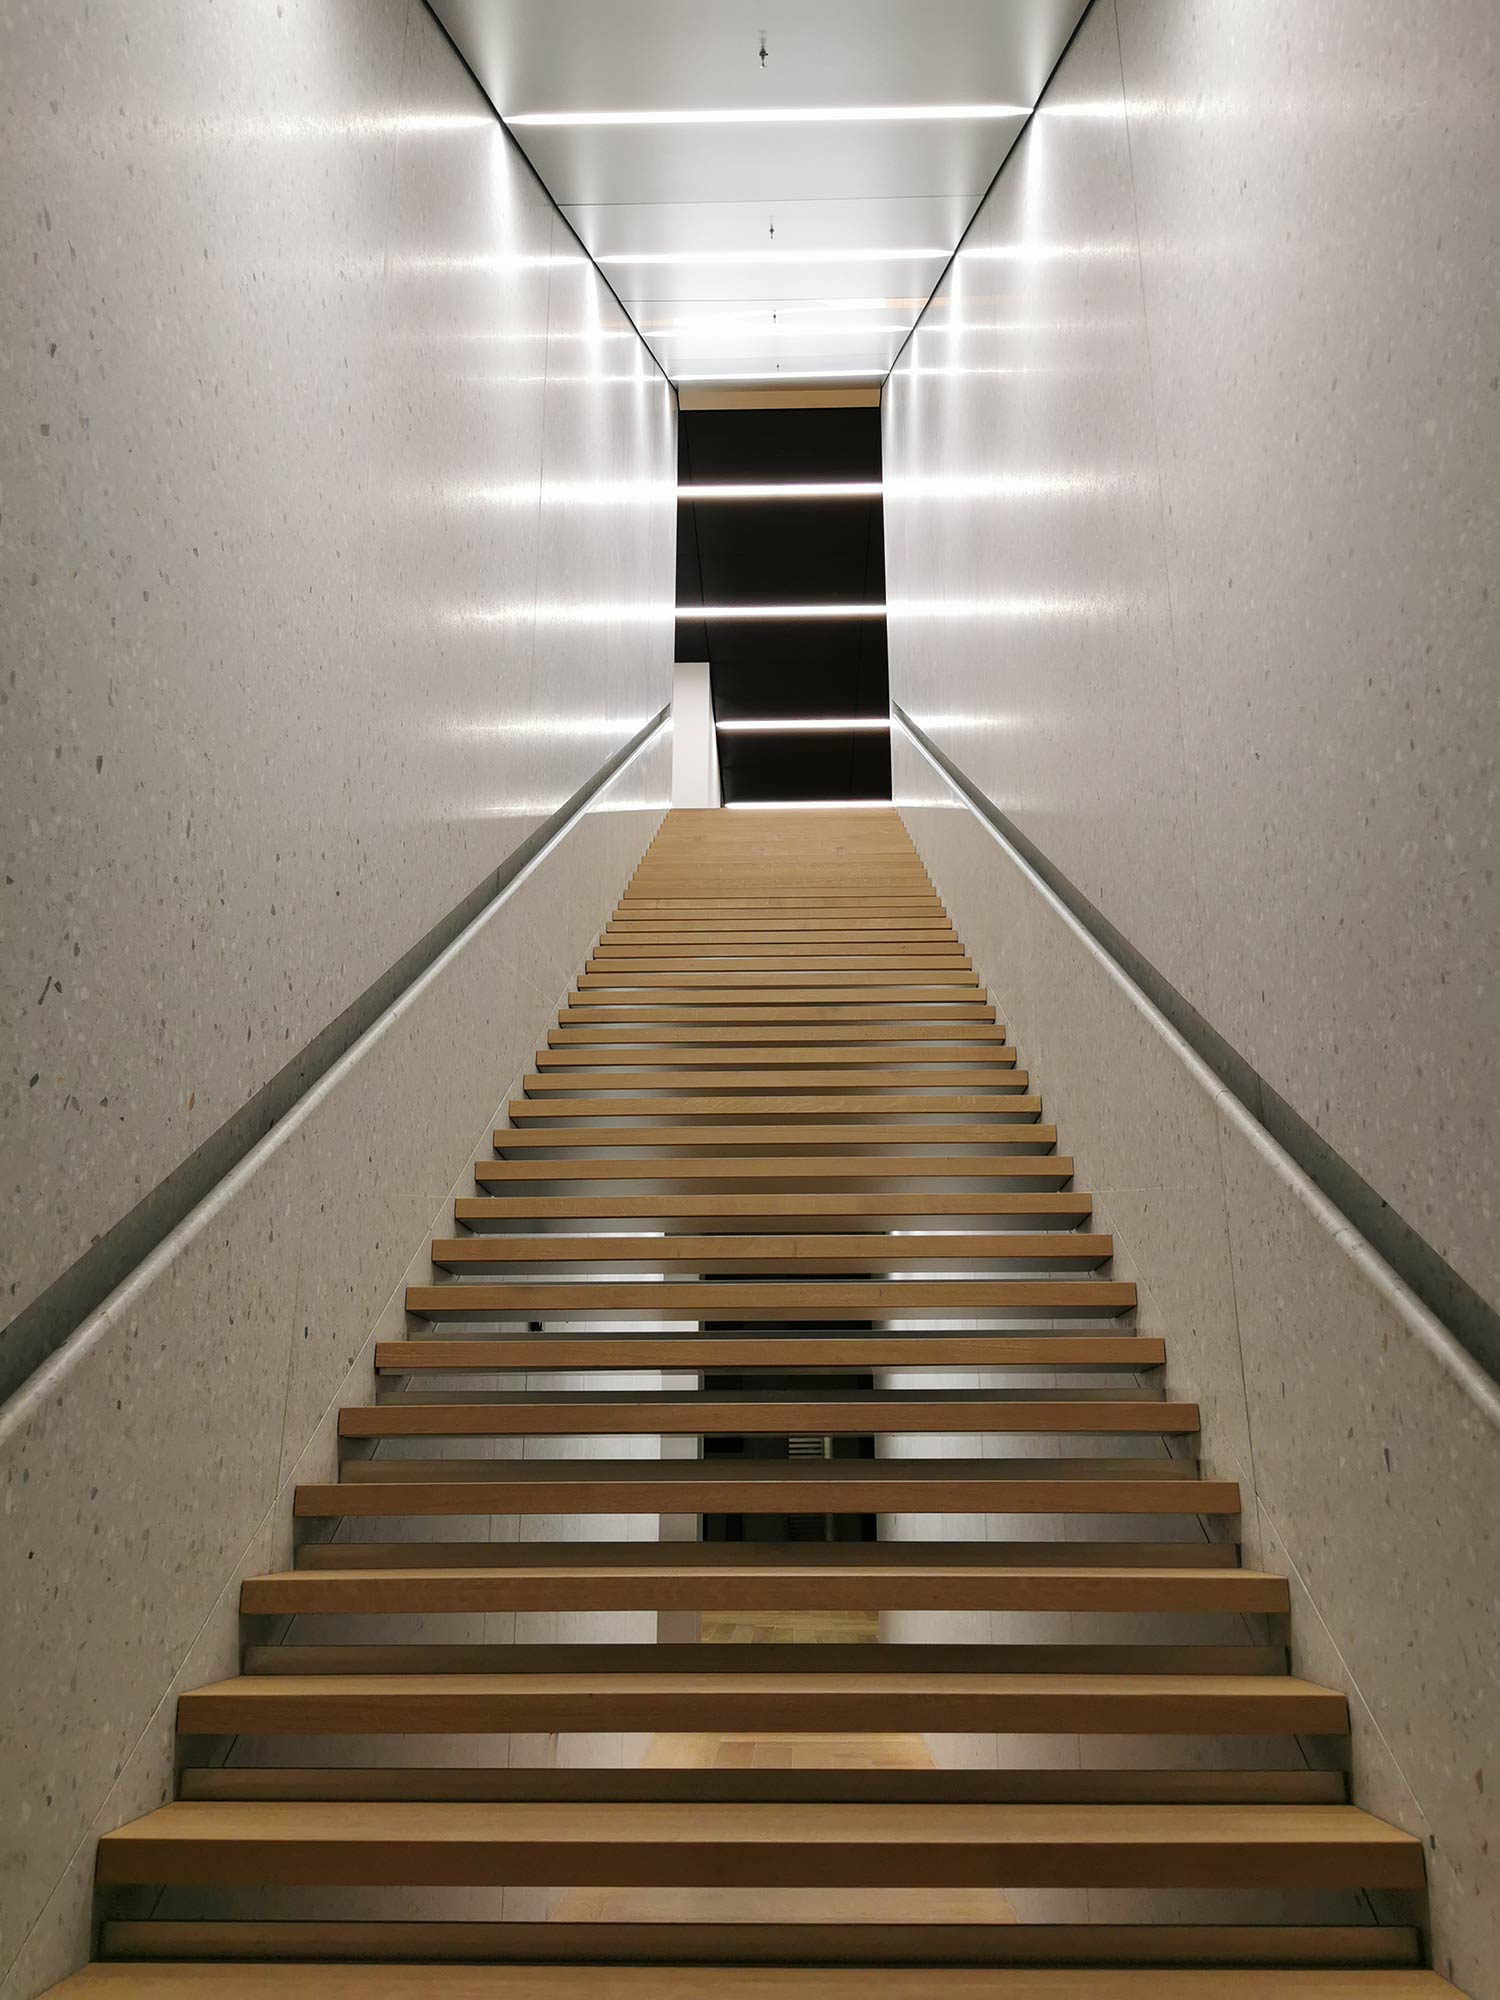 Lange Treppe vom EG zum 1. OG - dort befindet sich derzeit ein Pop-up Office vom Coworking Anbieter Spaces